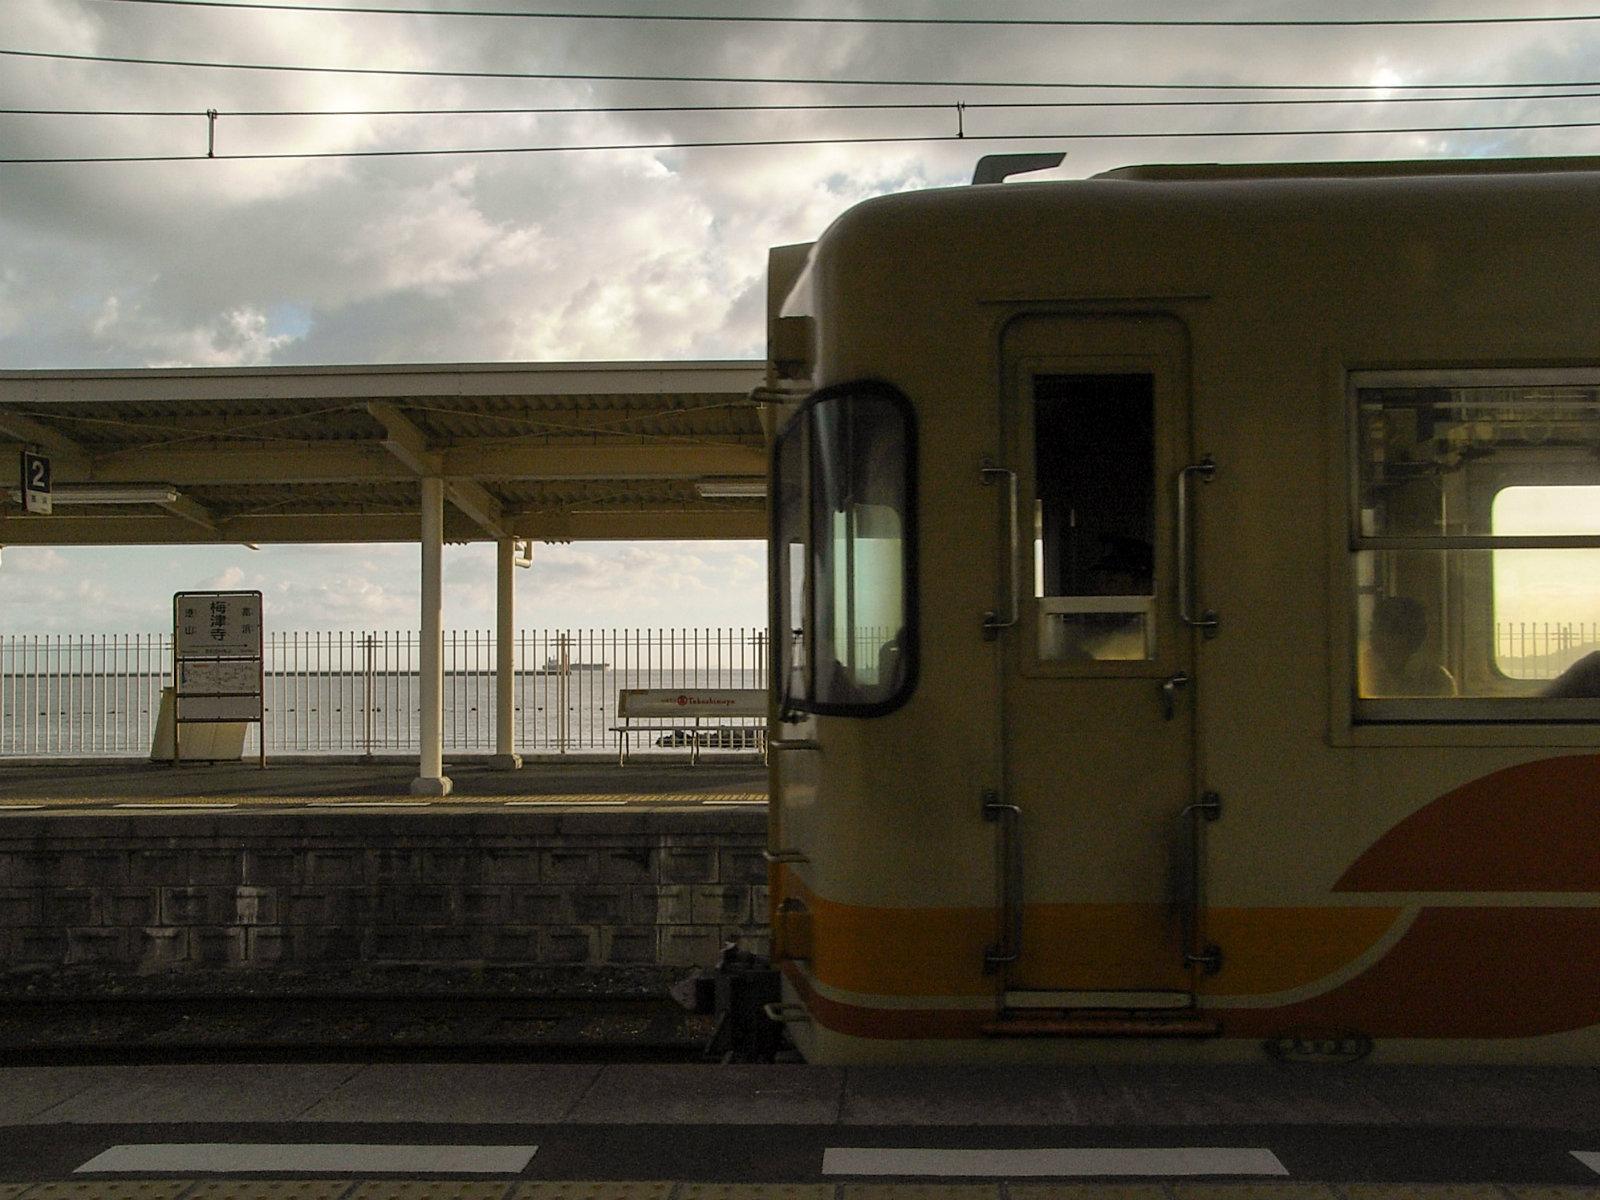 松山の市街地から近いこともあり、列車も頻繁にやってきます。